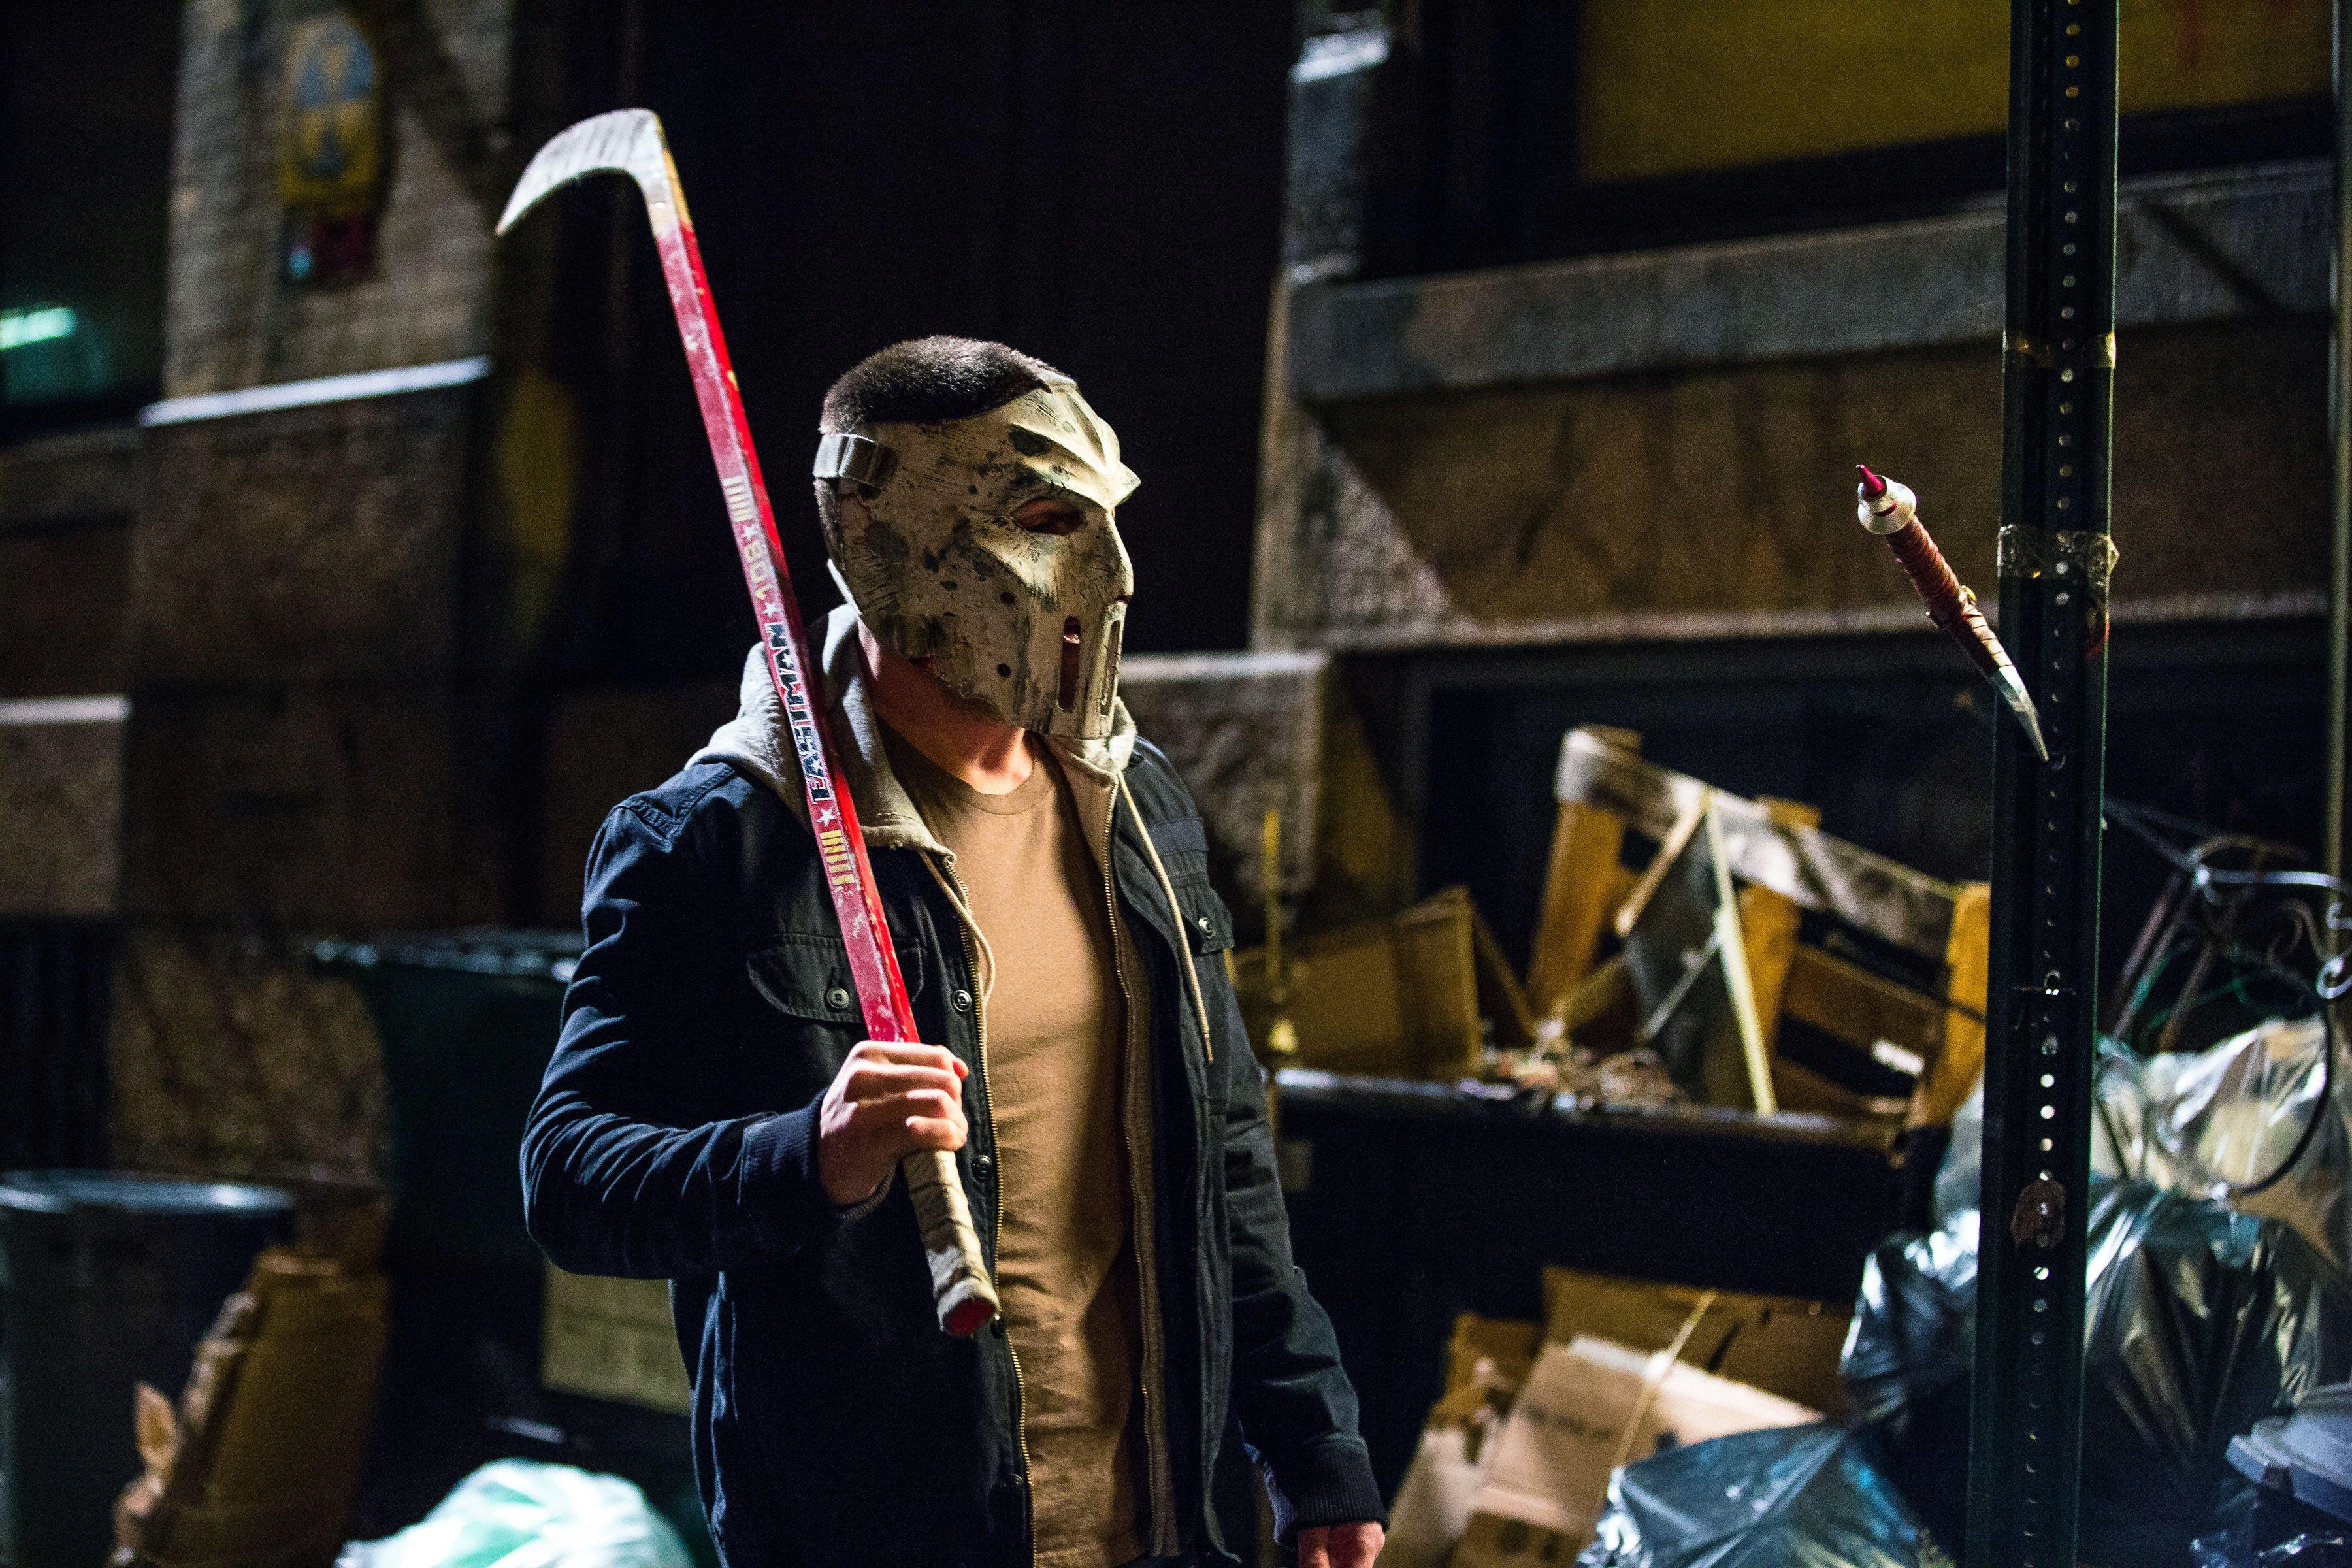 First Look At Arrow Star Stephen Amell As Vigilante Casey Jones In Teenage  Mutant Ninja Turtles 2